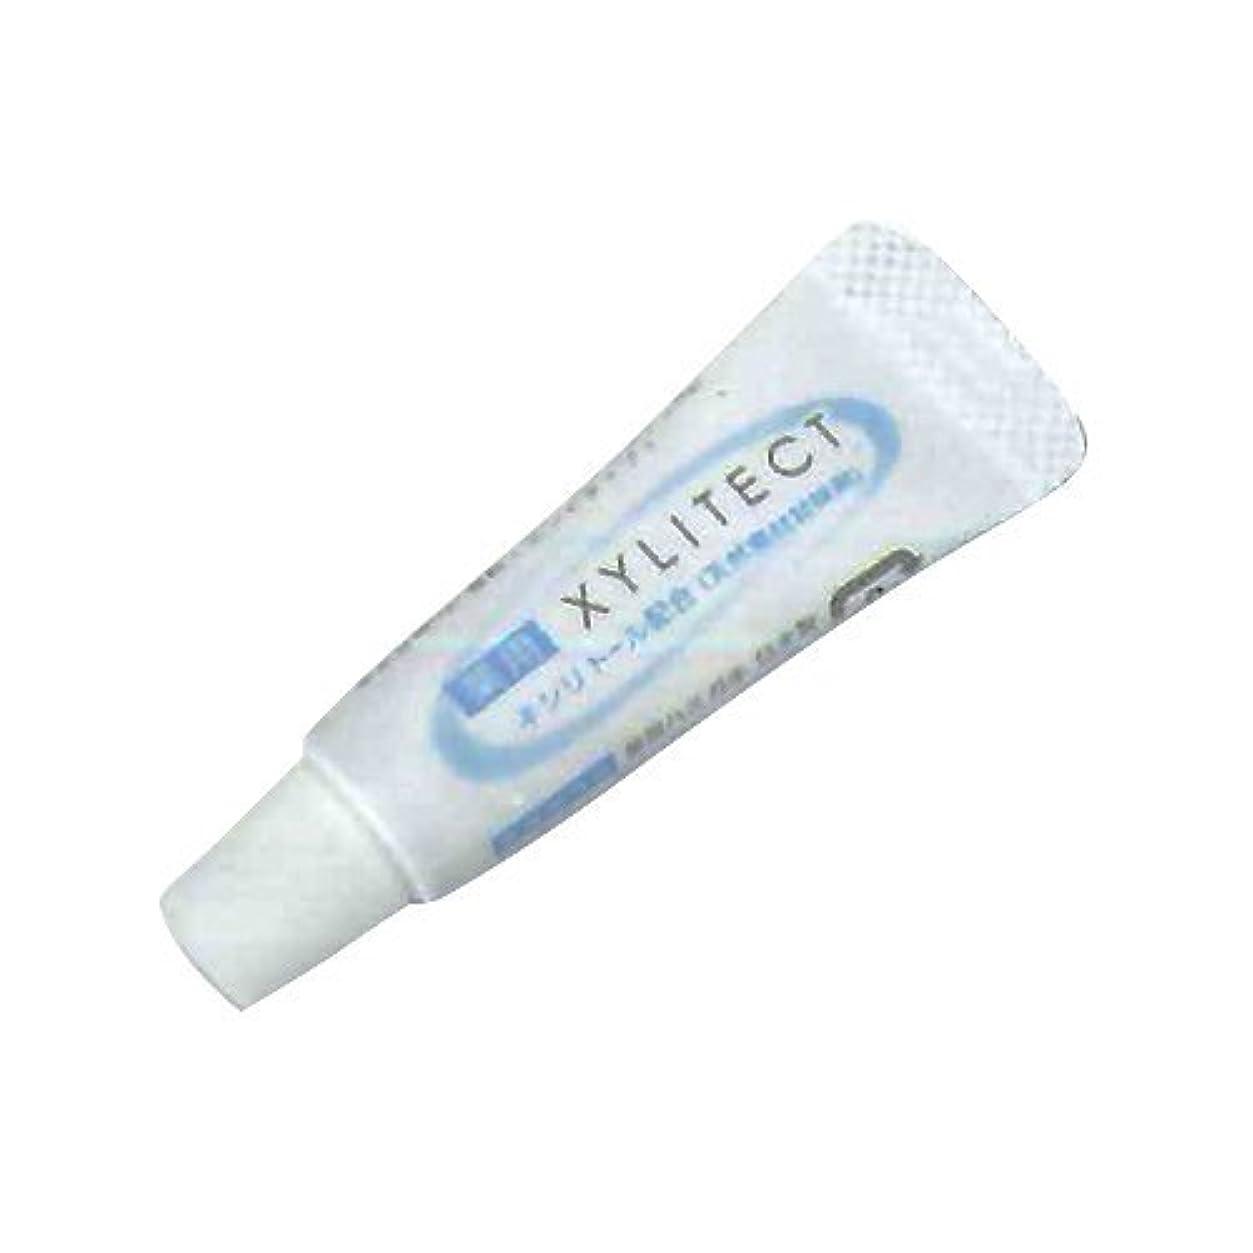 家具ヤギ暗唱する業務用歯磨き粉 薬用キシリテクト (XYLITECT) 4.5g ×200個セット (個包装タイプ) | ホテルアメニティ ハミガキ toothpaste